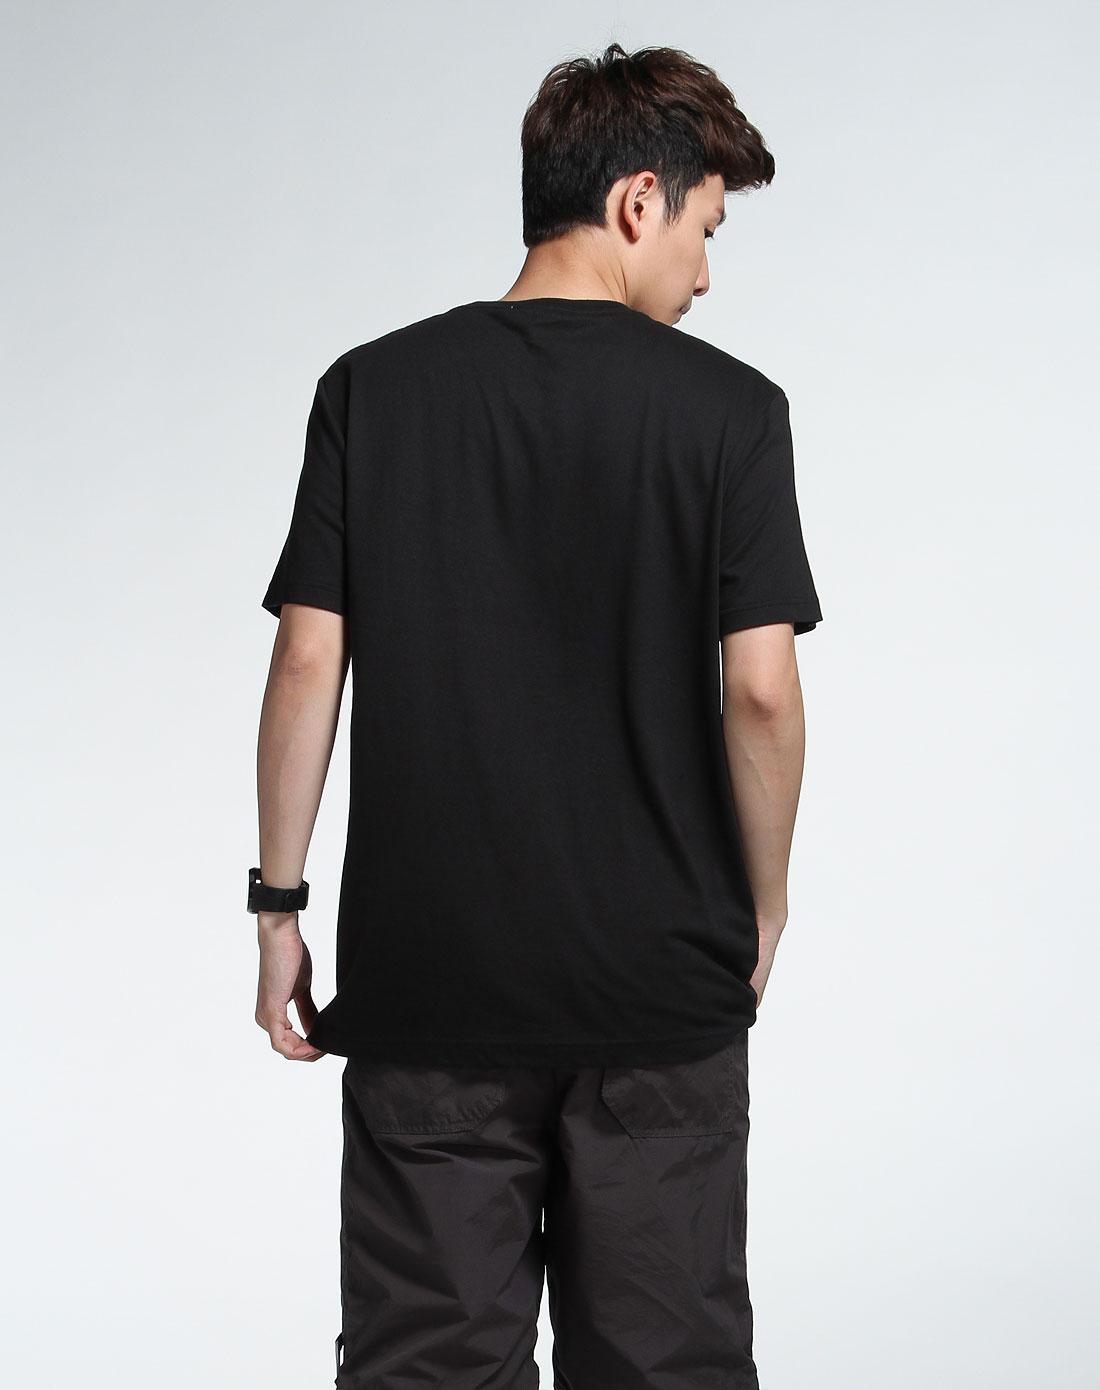 森马男装专场-黑色短袖休闲t恤图片